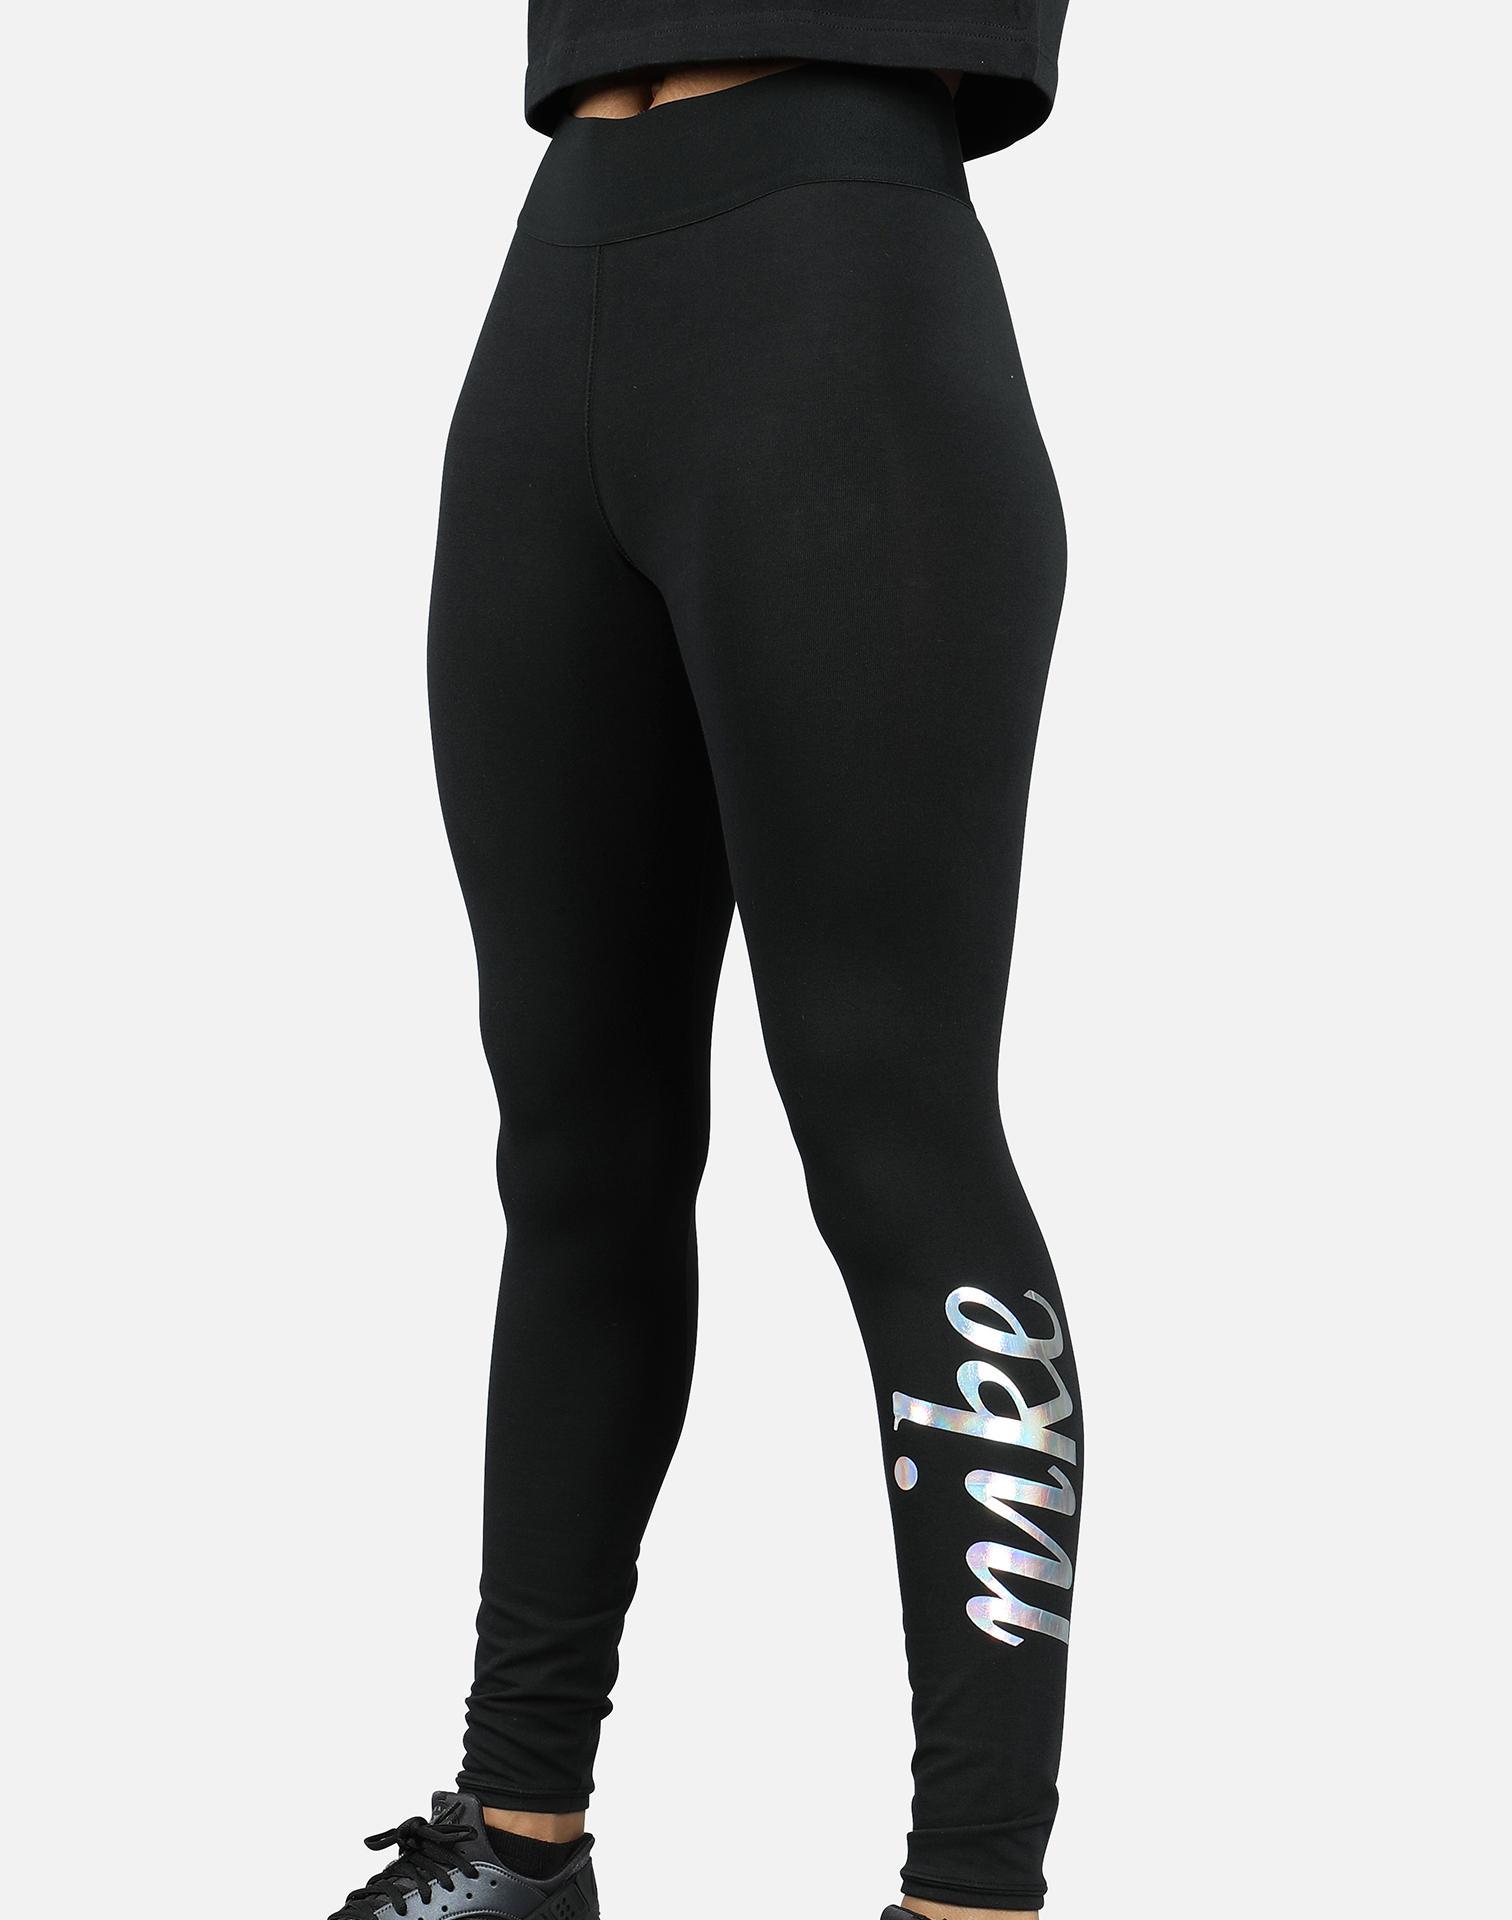 Nike Metallic Leggings in Black - Lyst